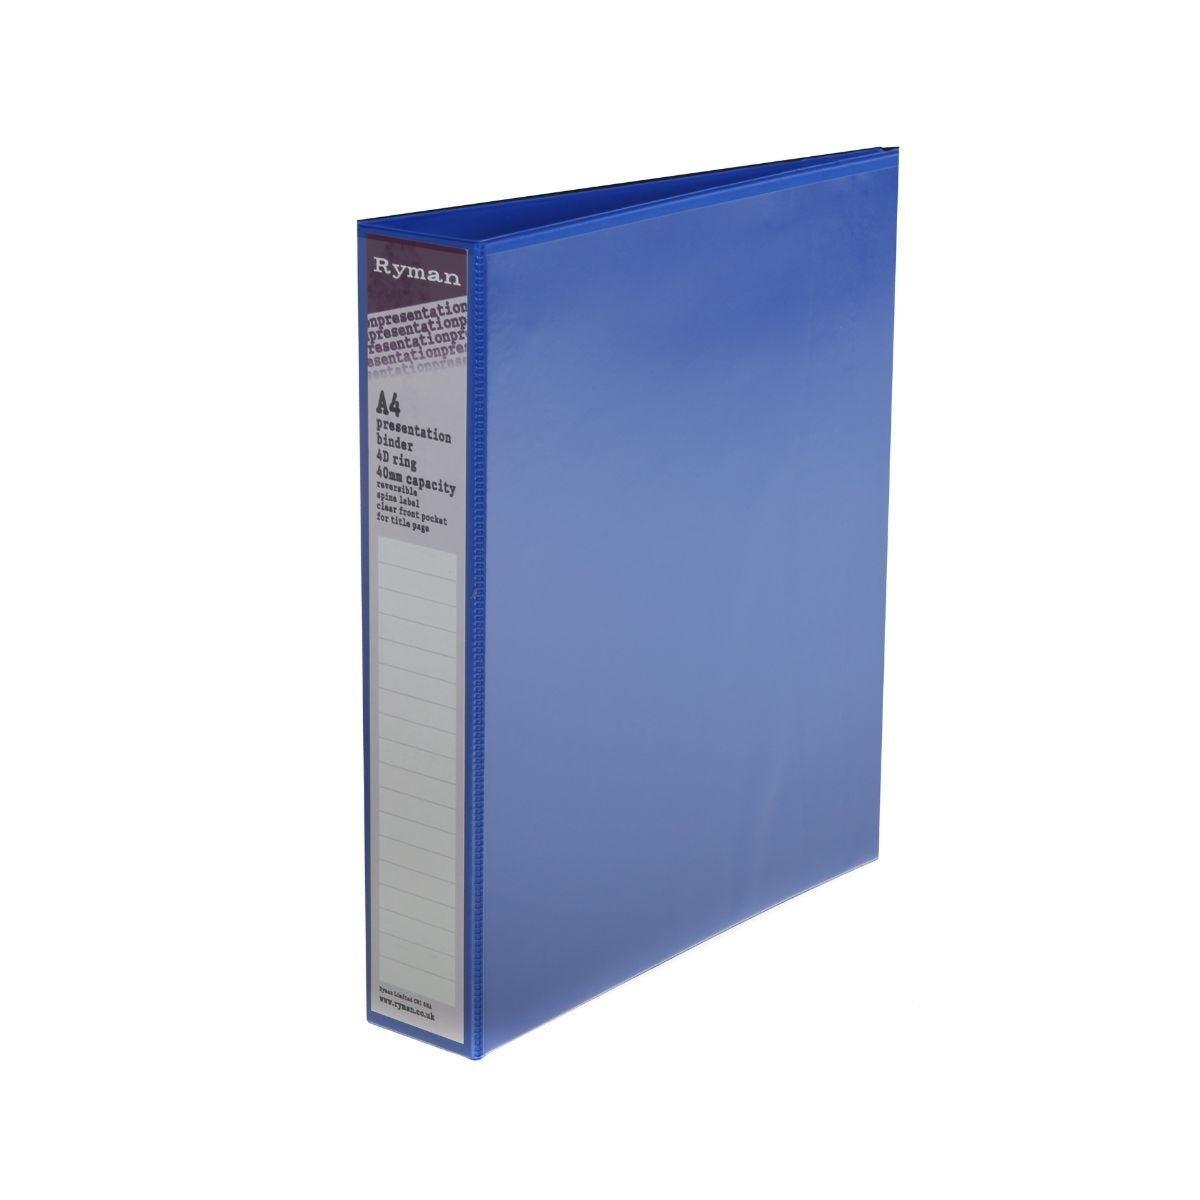 Ryman Presentation Binder A4 4D 40mm